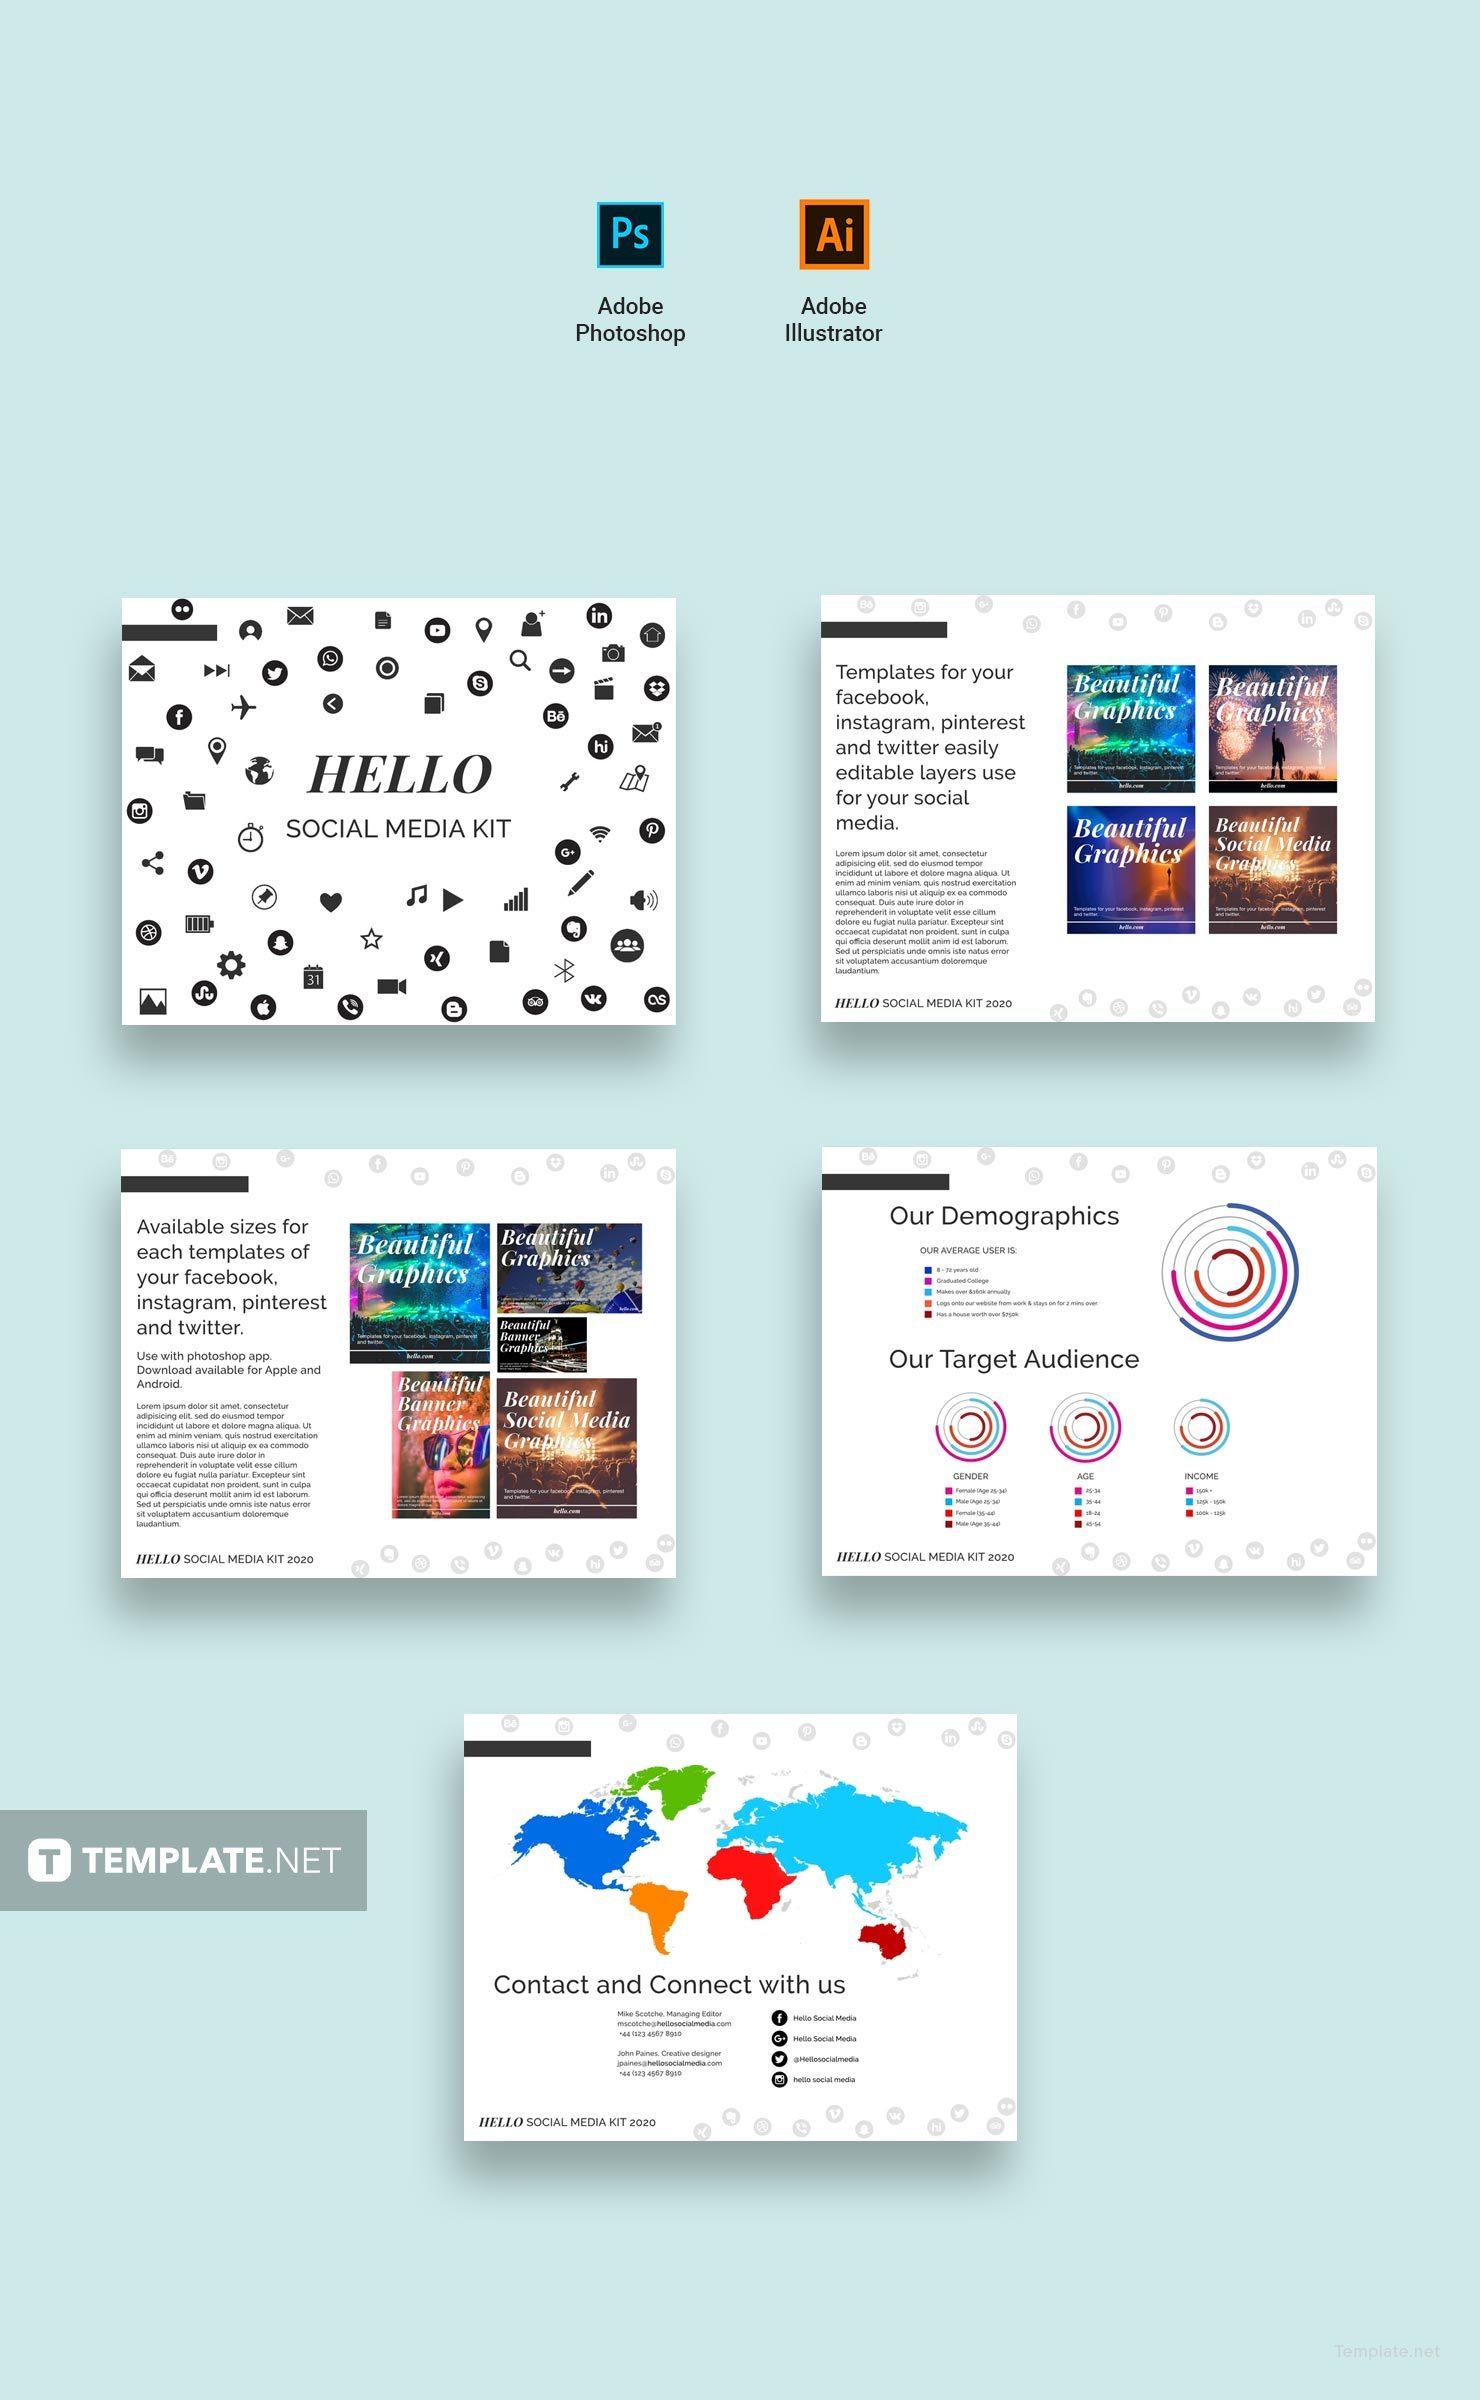 online media kit template - free social media kit template in adobe photoshop adobe